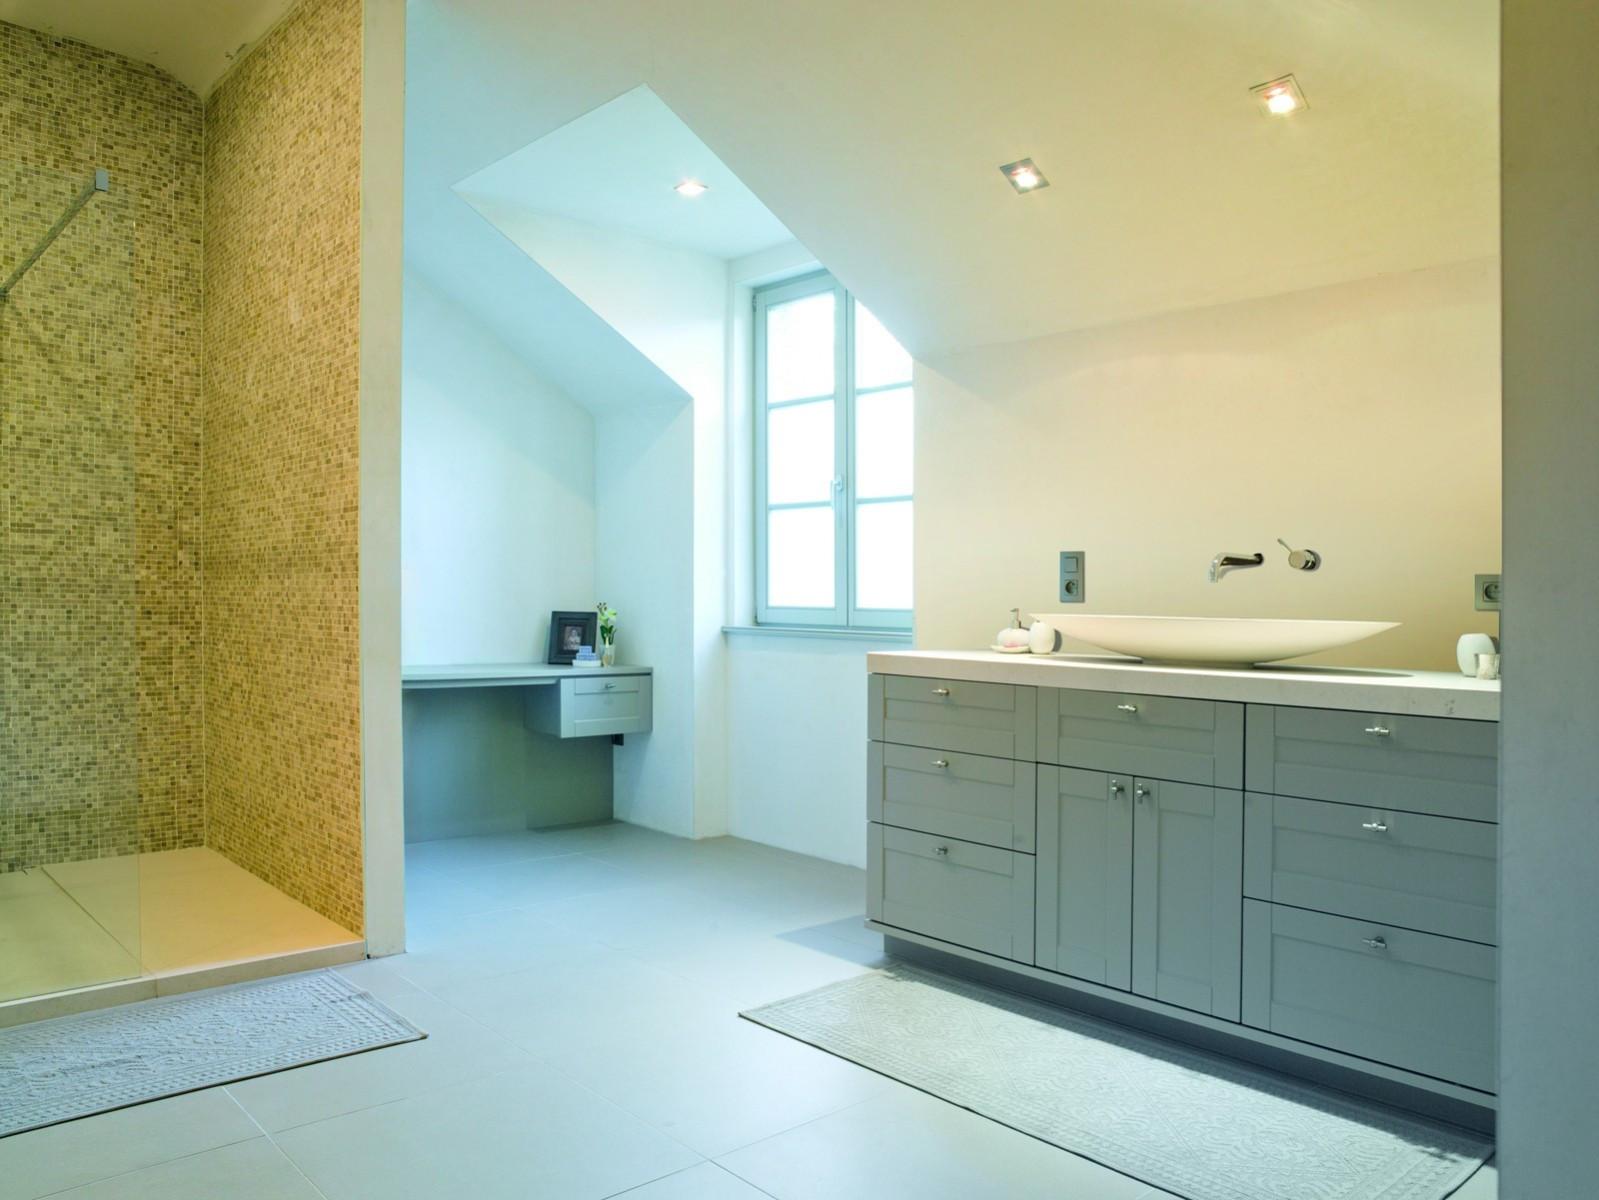 Badkamer gent badkamer ontwerp idee n voor uw huis samen met meubels die het aanvullen - Badkamer meubilair ontwerp ...